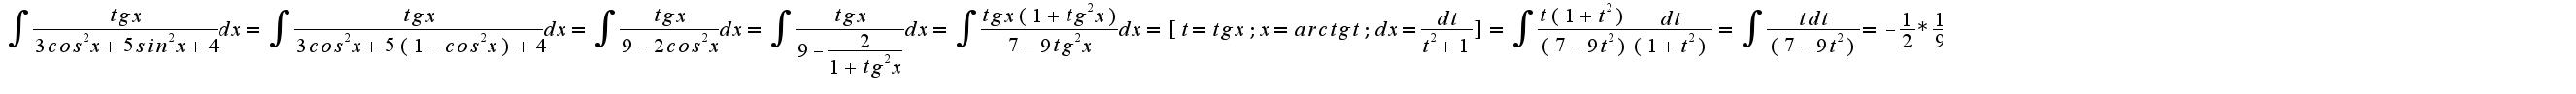 $ \int_{}^{}{\frac{tg x}{3cos^2 x +5 sin^2 x +4}dx}= \int_{}^{}{\frac{tg x}{3cos^2 x +5 (1-cos^2 x) +4}dx}= \int_{}^{}{\frac{tg x}{9-2cos^2 x}dx}= \int_{}^{}{\frac{tg x}{9-\frac{2}{1+tg^2 x}}dx}= \int_{}^{}{\frac{tg x(1+tg^2 x)}{7-9tg^2 x}dx}= [t=tg x;  x=arctg t;  dx=\frac{dt}{t^2+1}]= \int_{}^{}{\frac{t(1+t^2)}{(7-9t^2)} \frac{dt}{(1+t^2)}} = \int_{}^{}{\frac{tdt}{(7-9t^2)} } = - \frac{1}{2}* \frac{1}{9} \int_{}^{}{\frac{d(7-9t^2)}{(7-9t^2)} } = - \frac{1}{18} ln(7-9t^2)  +C = - \frac{1}{18} ln(7-9tg^2 x)  +C $